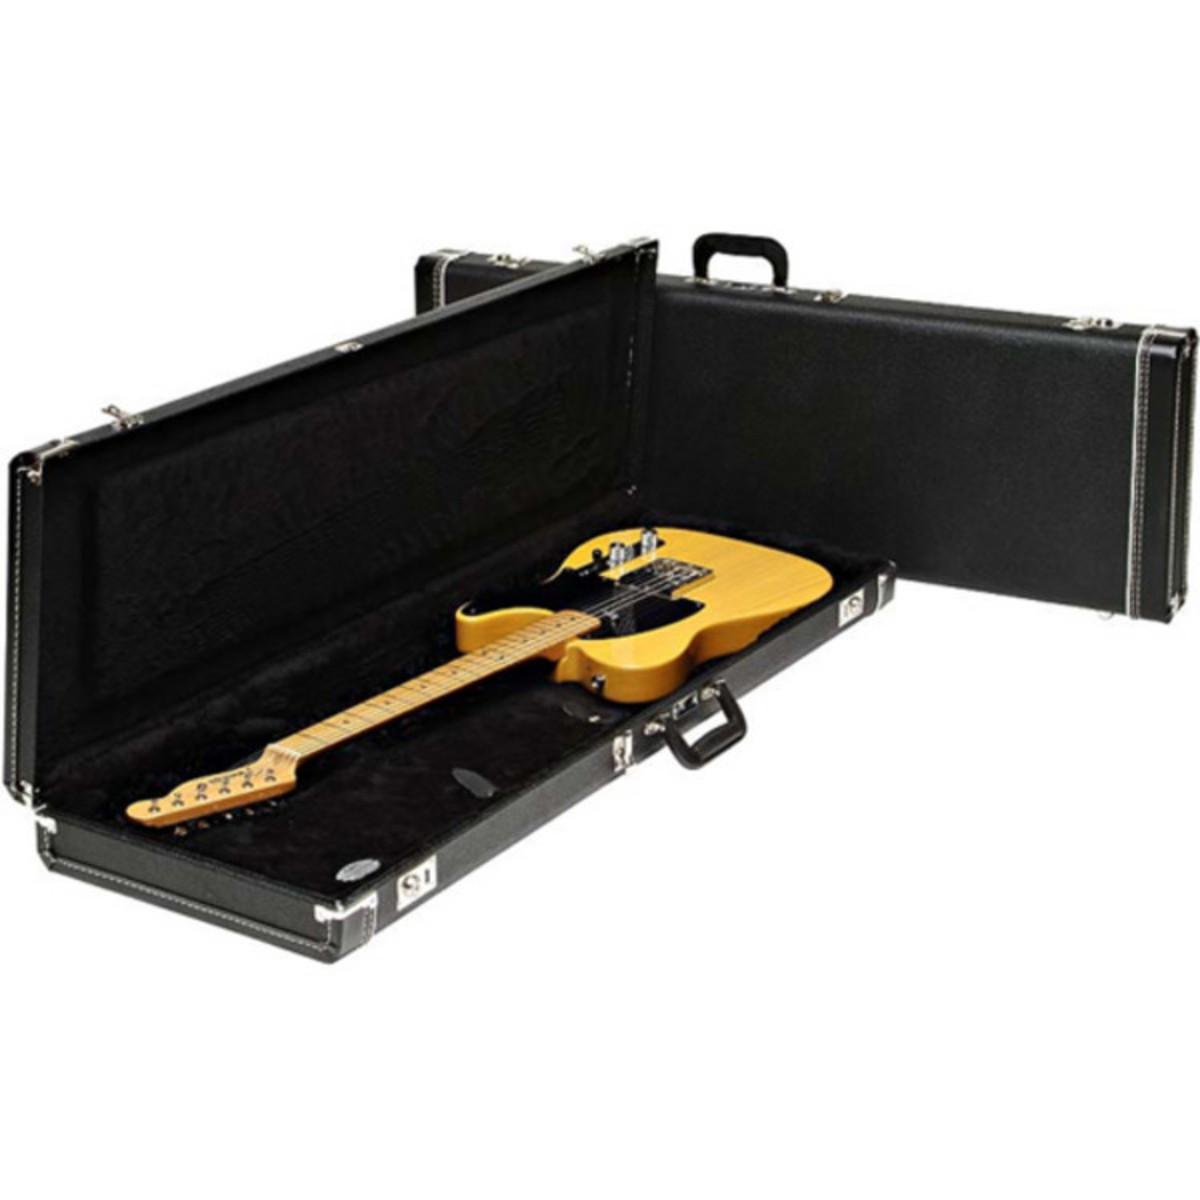 fender multi fit guitar case for jaguar jazzmaster etc black at. Black Bedroom Furniture Sets. Home Design Ideas